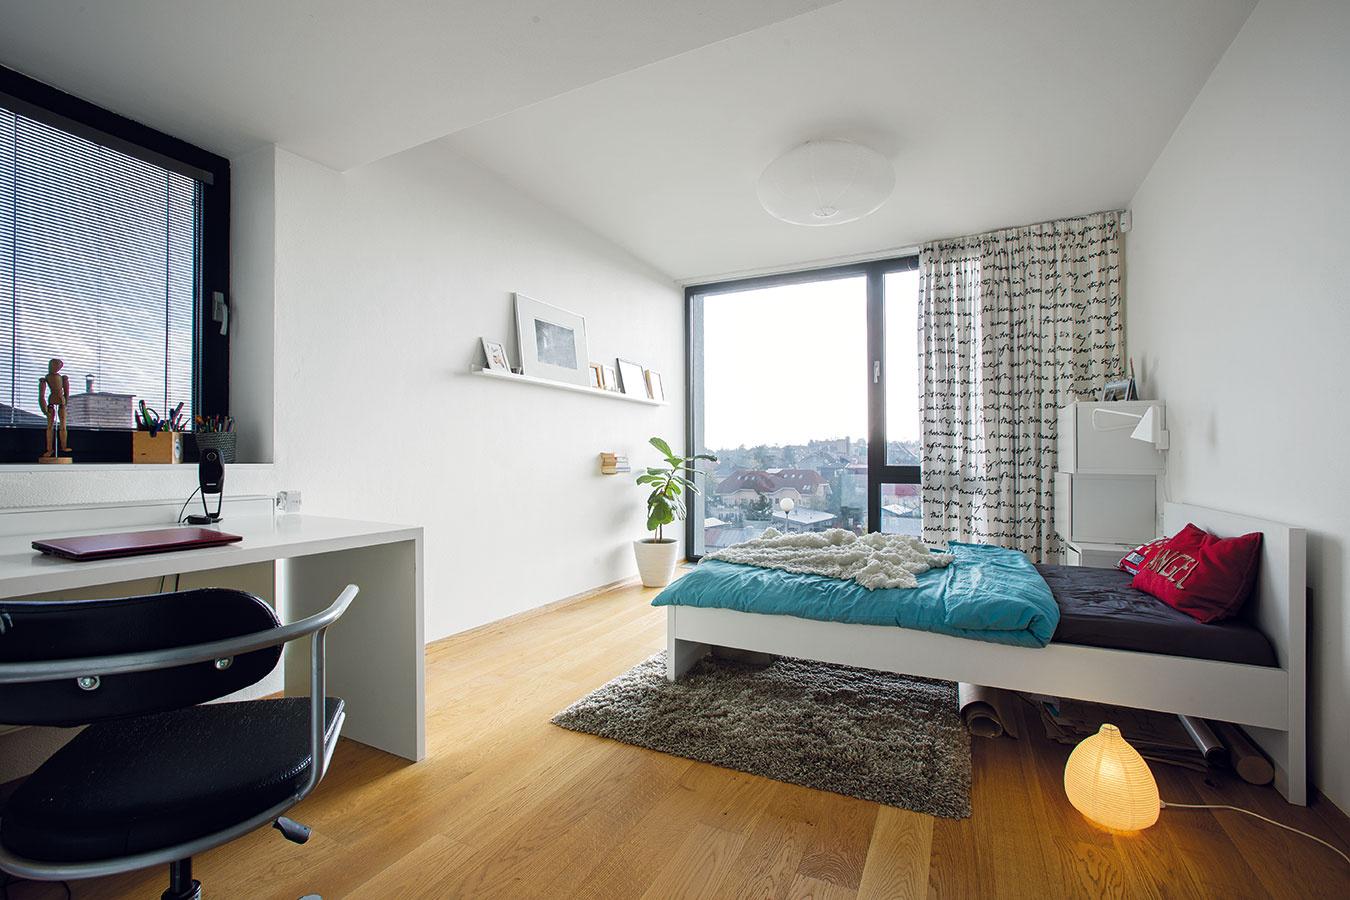 Dve detské izby majú výhľad na mesto, spálňa rodičov je orientovaná do záhrady, teda na východ.